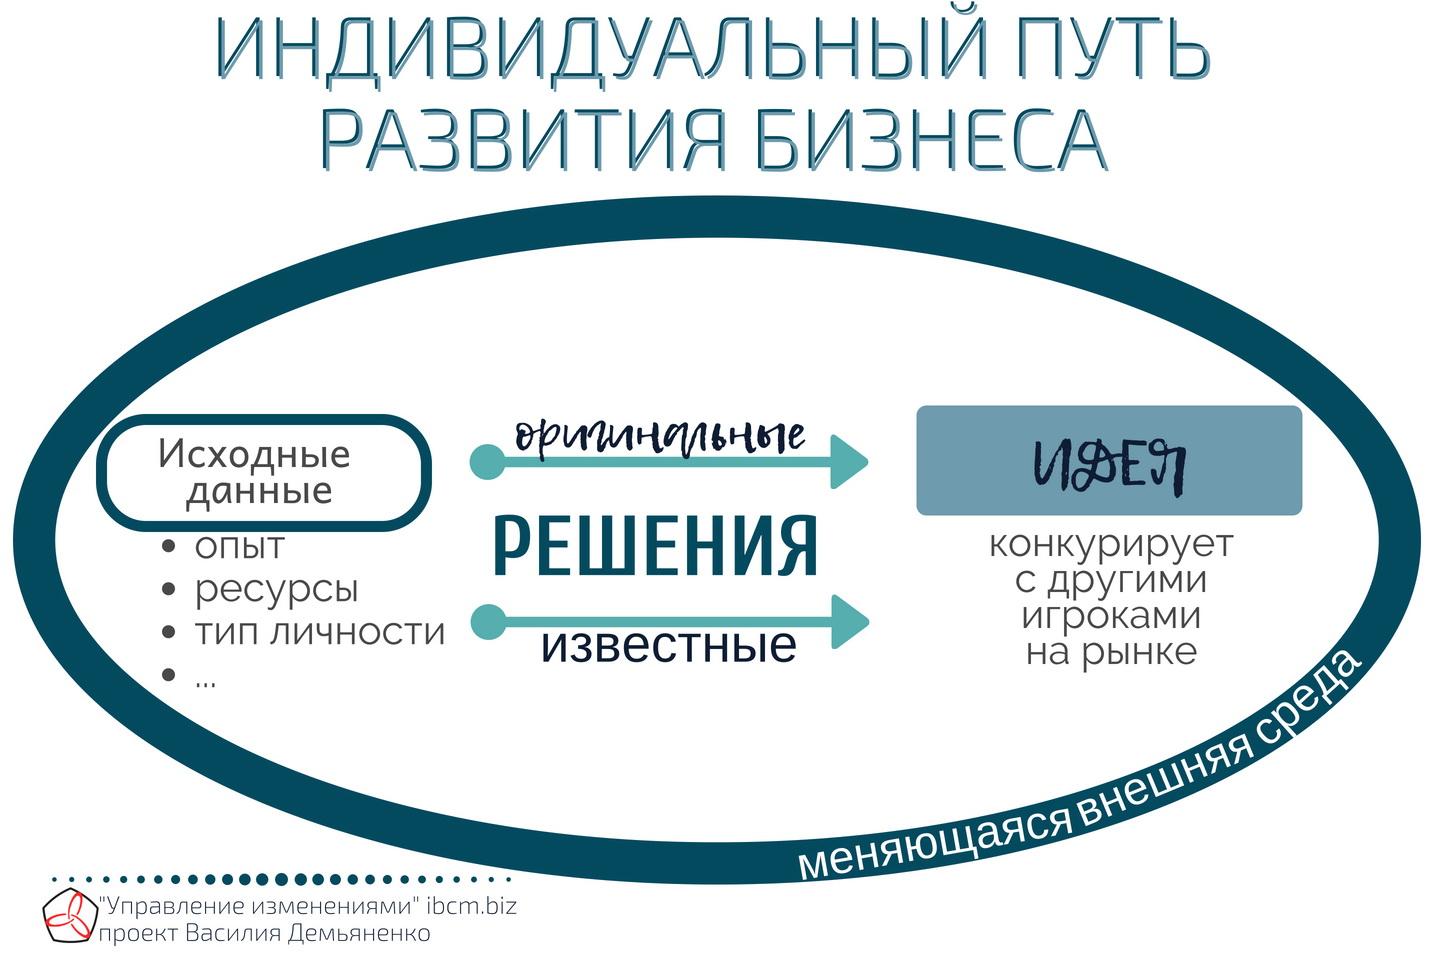 индивидуальный путь развития стартапа